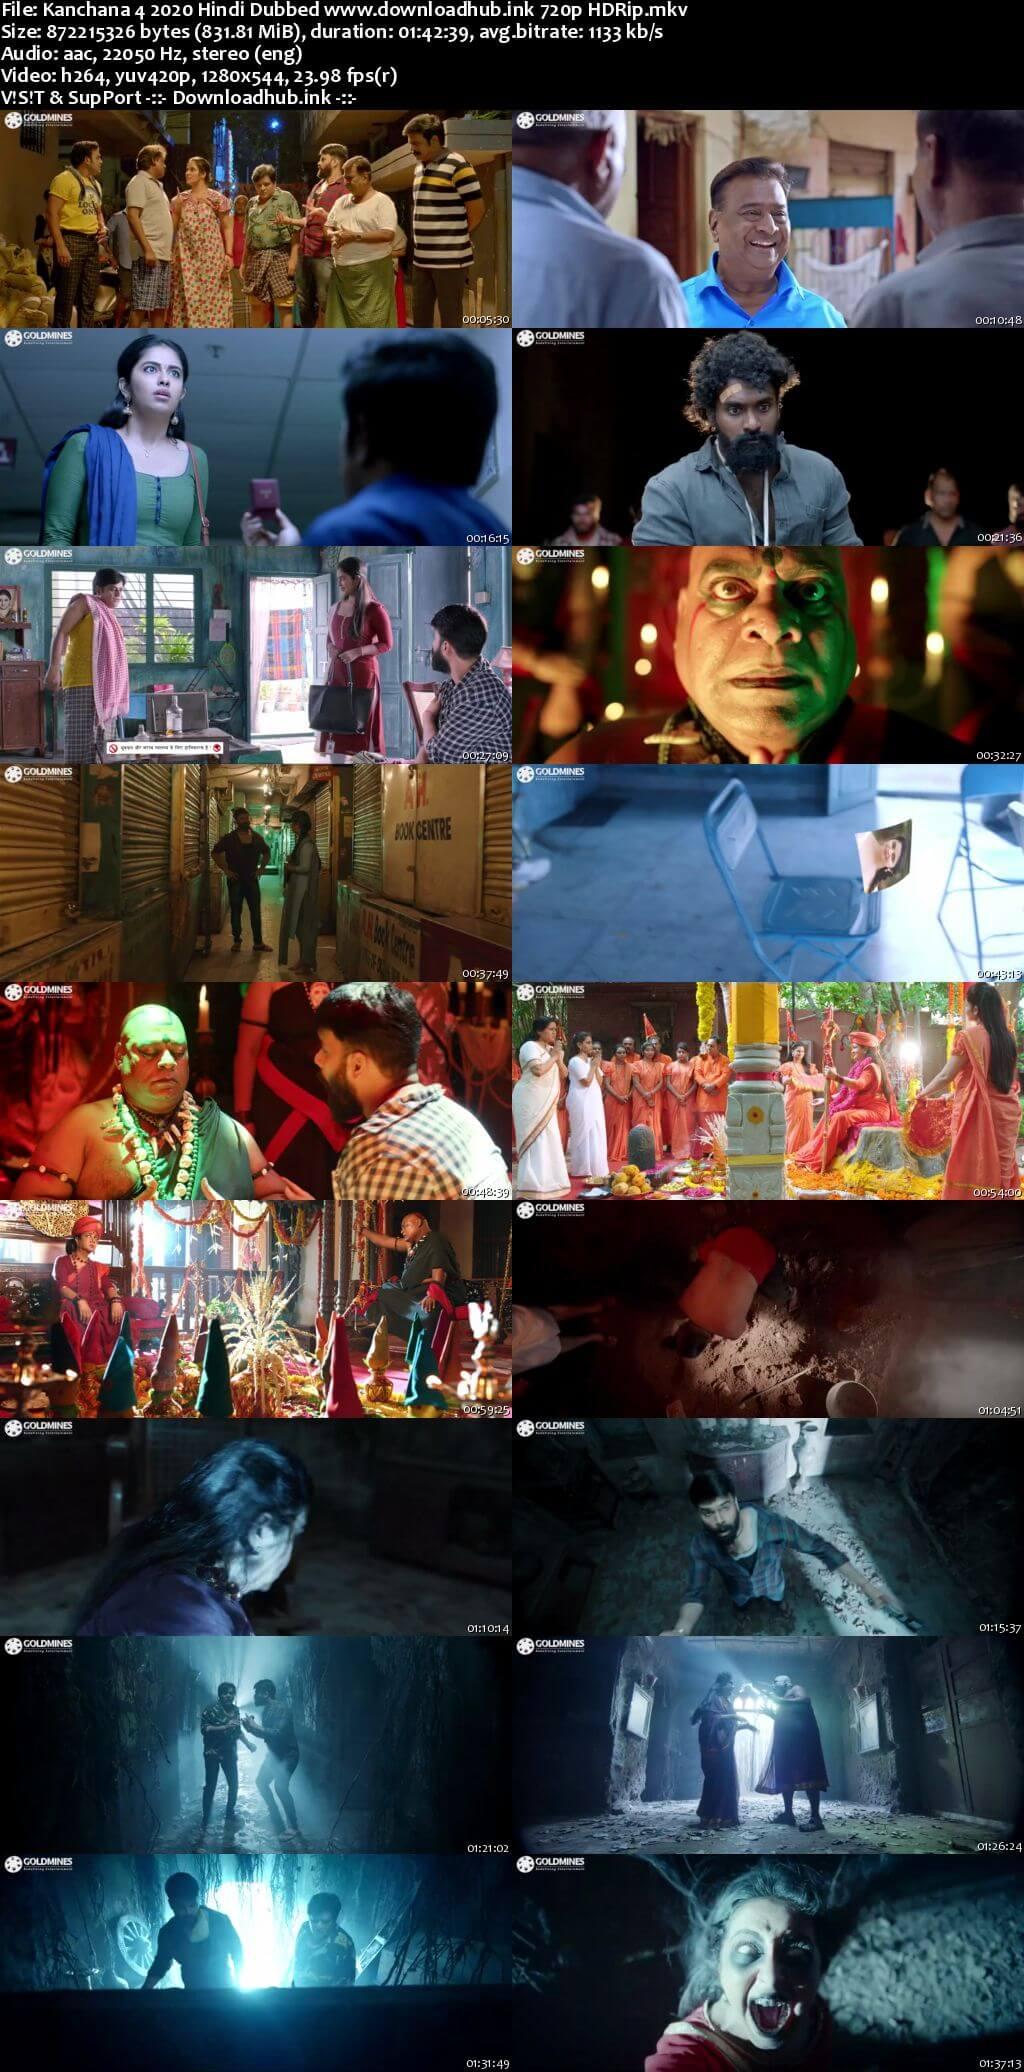 Kanchana 4 2020 Hindi Dubbed 720p HDRip x264